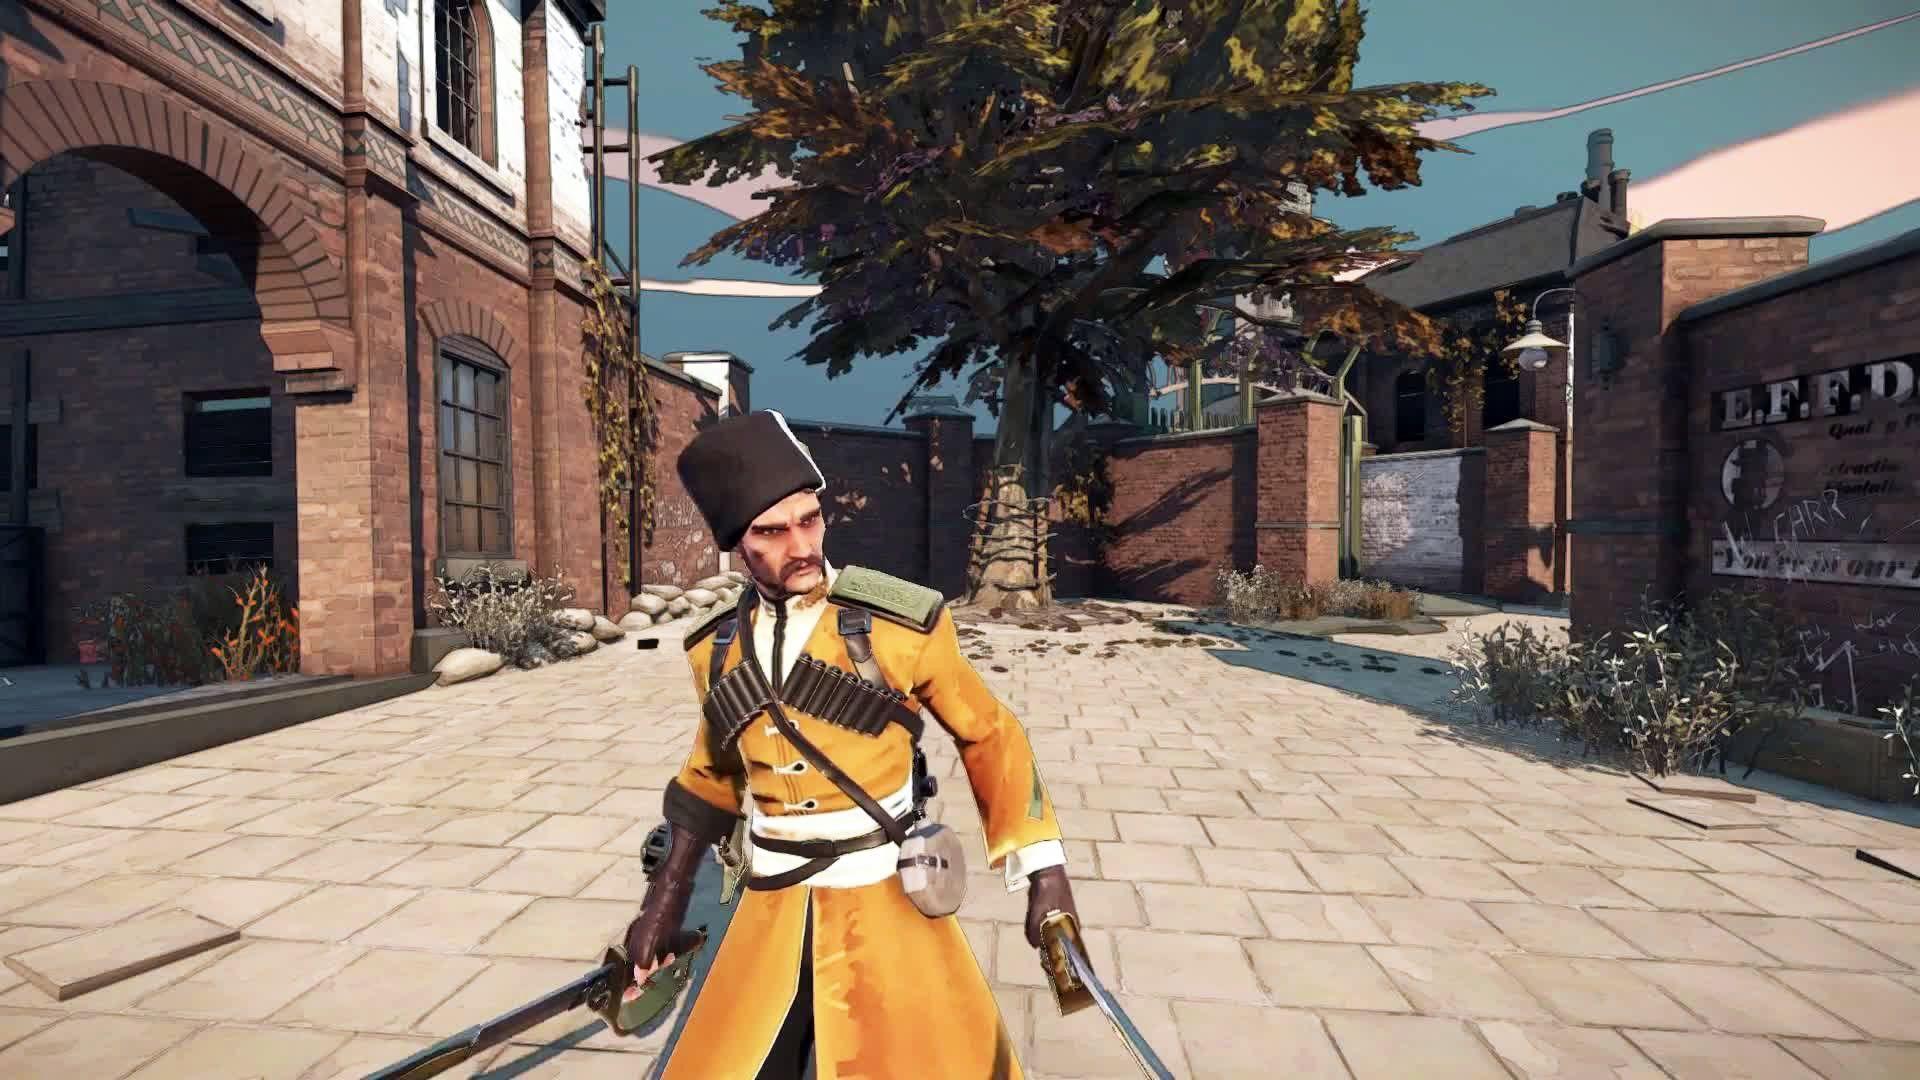 BATTLECRY Gameplay Trailer Trailer, Gameplay, The war zone